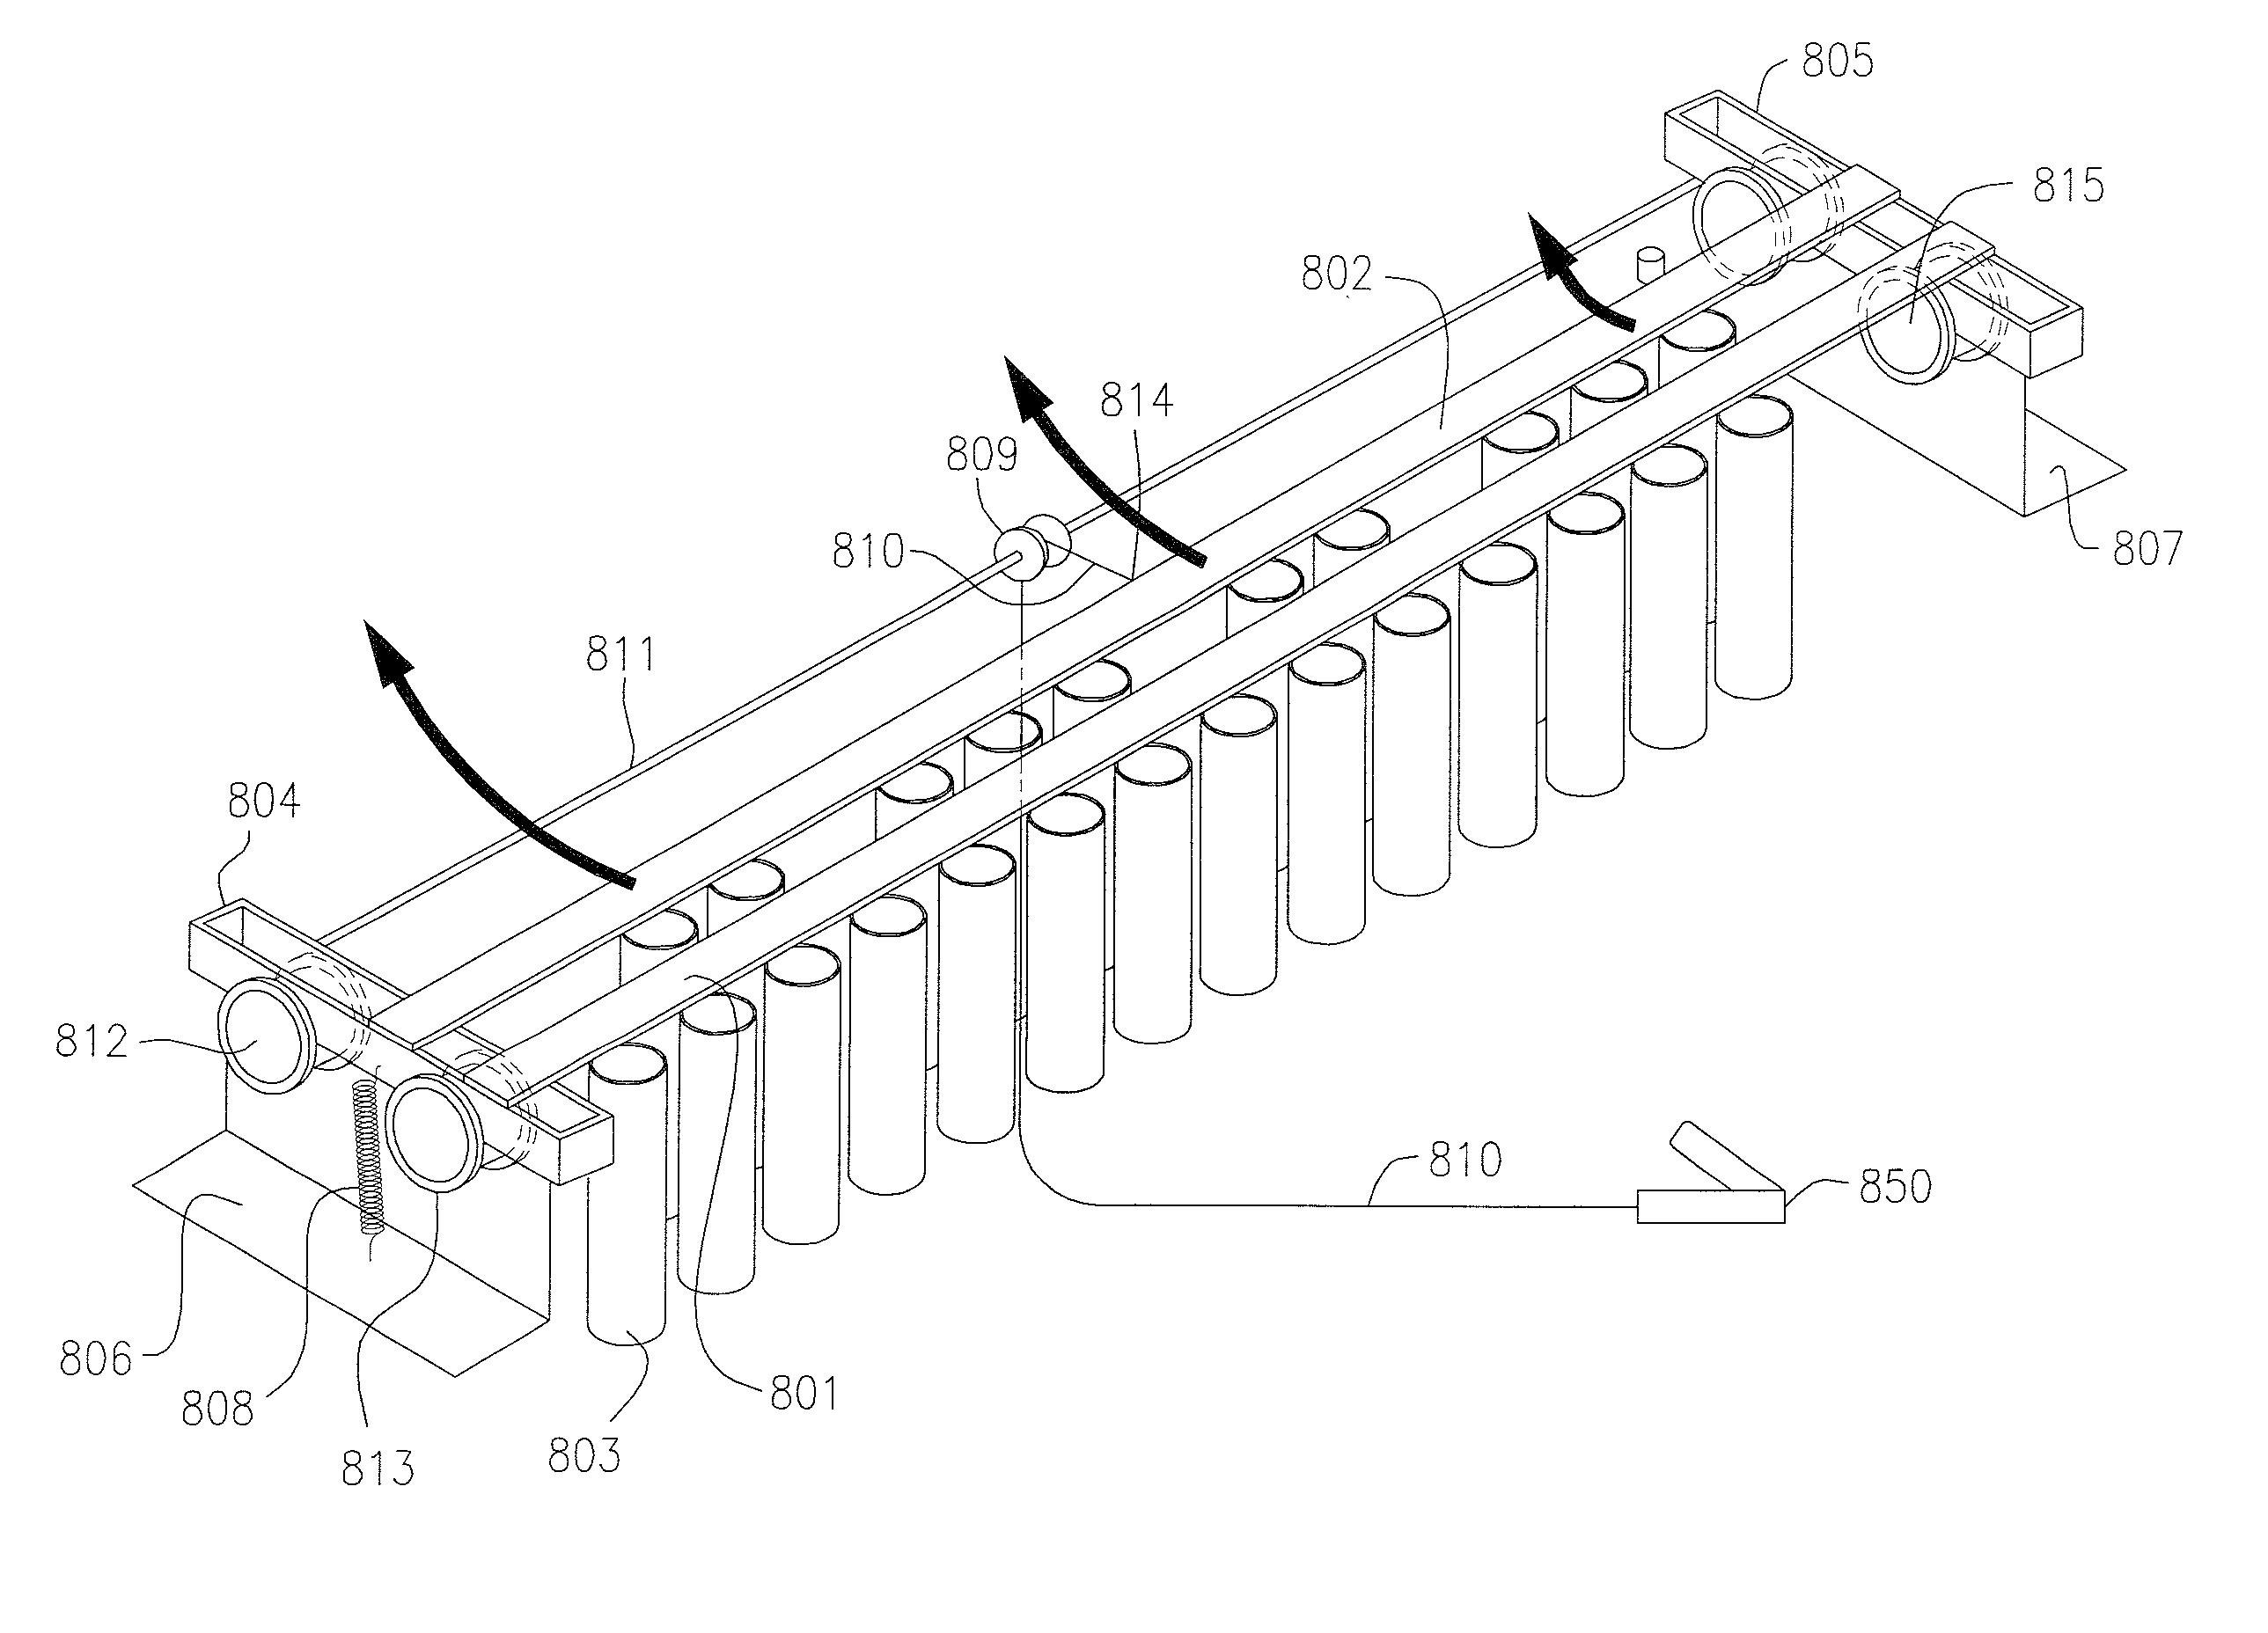 r pod trailer wiring diagram